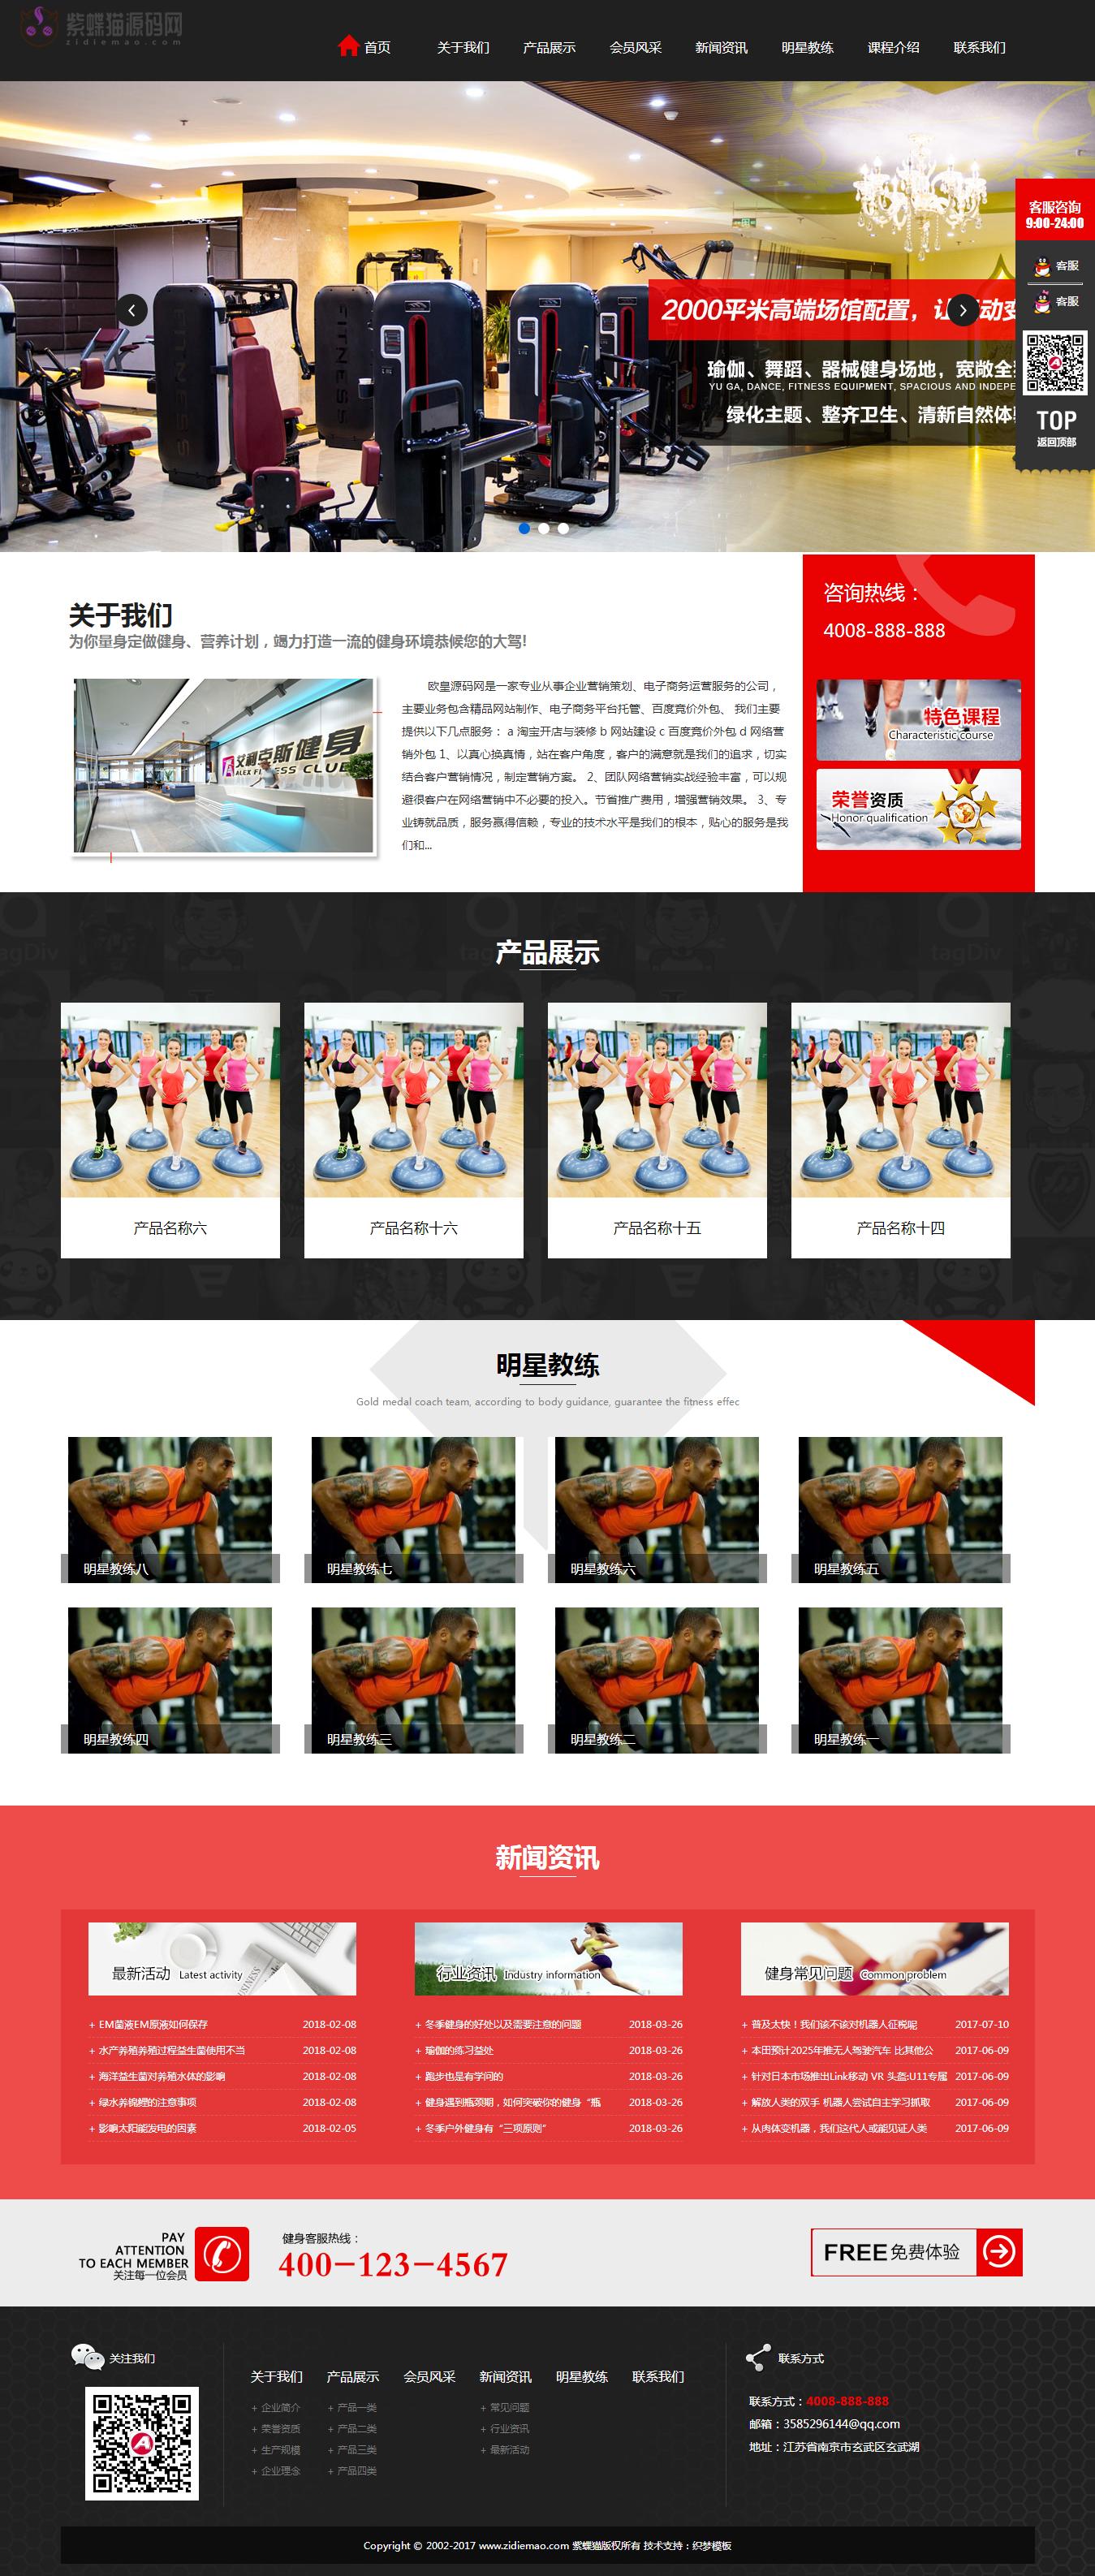 响应式健身俱乐部网站模板